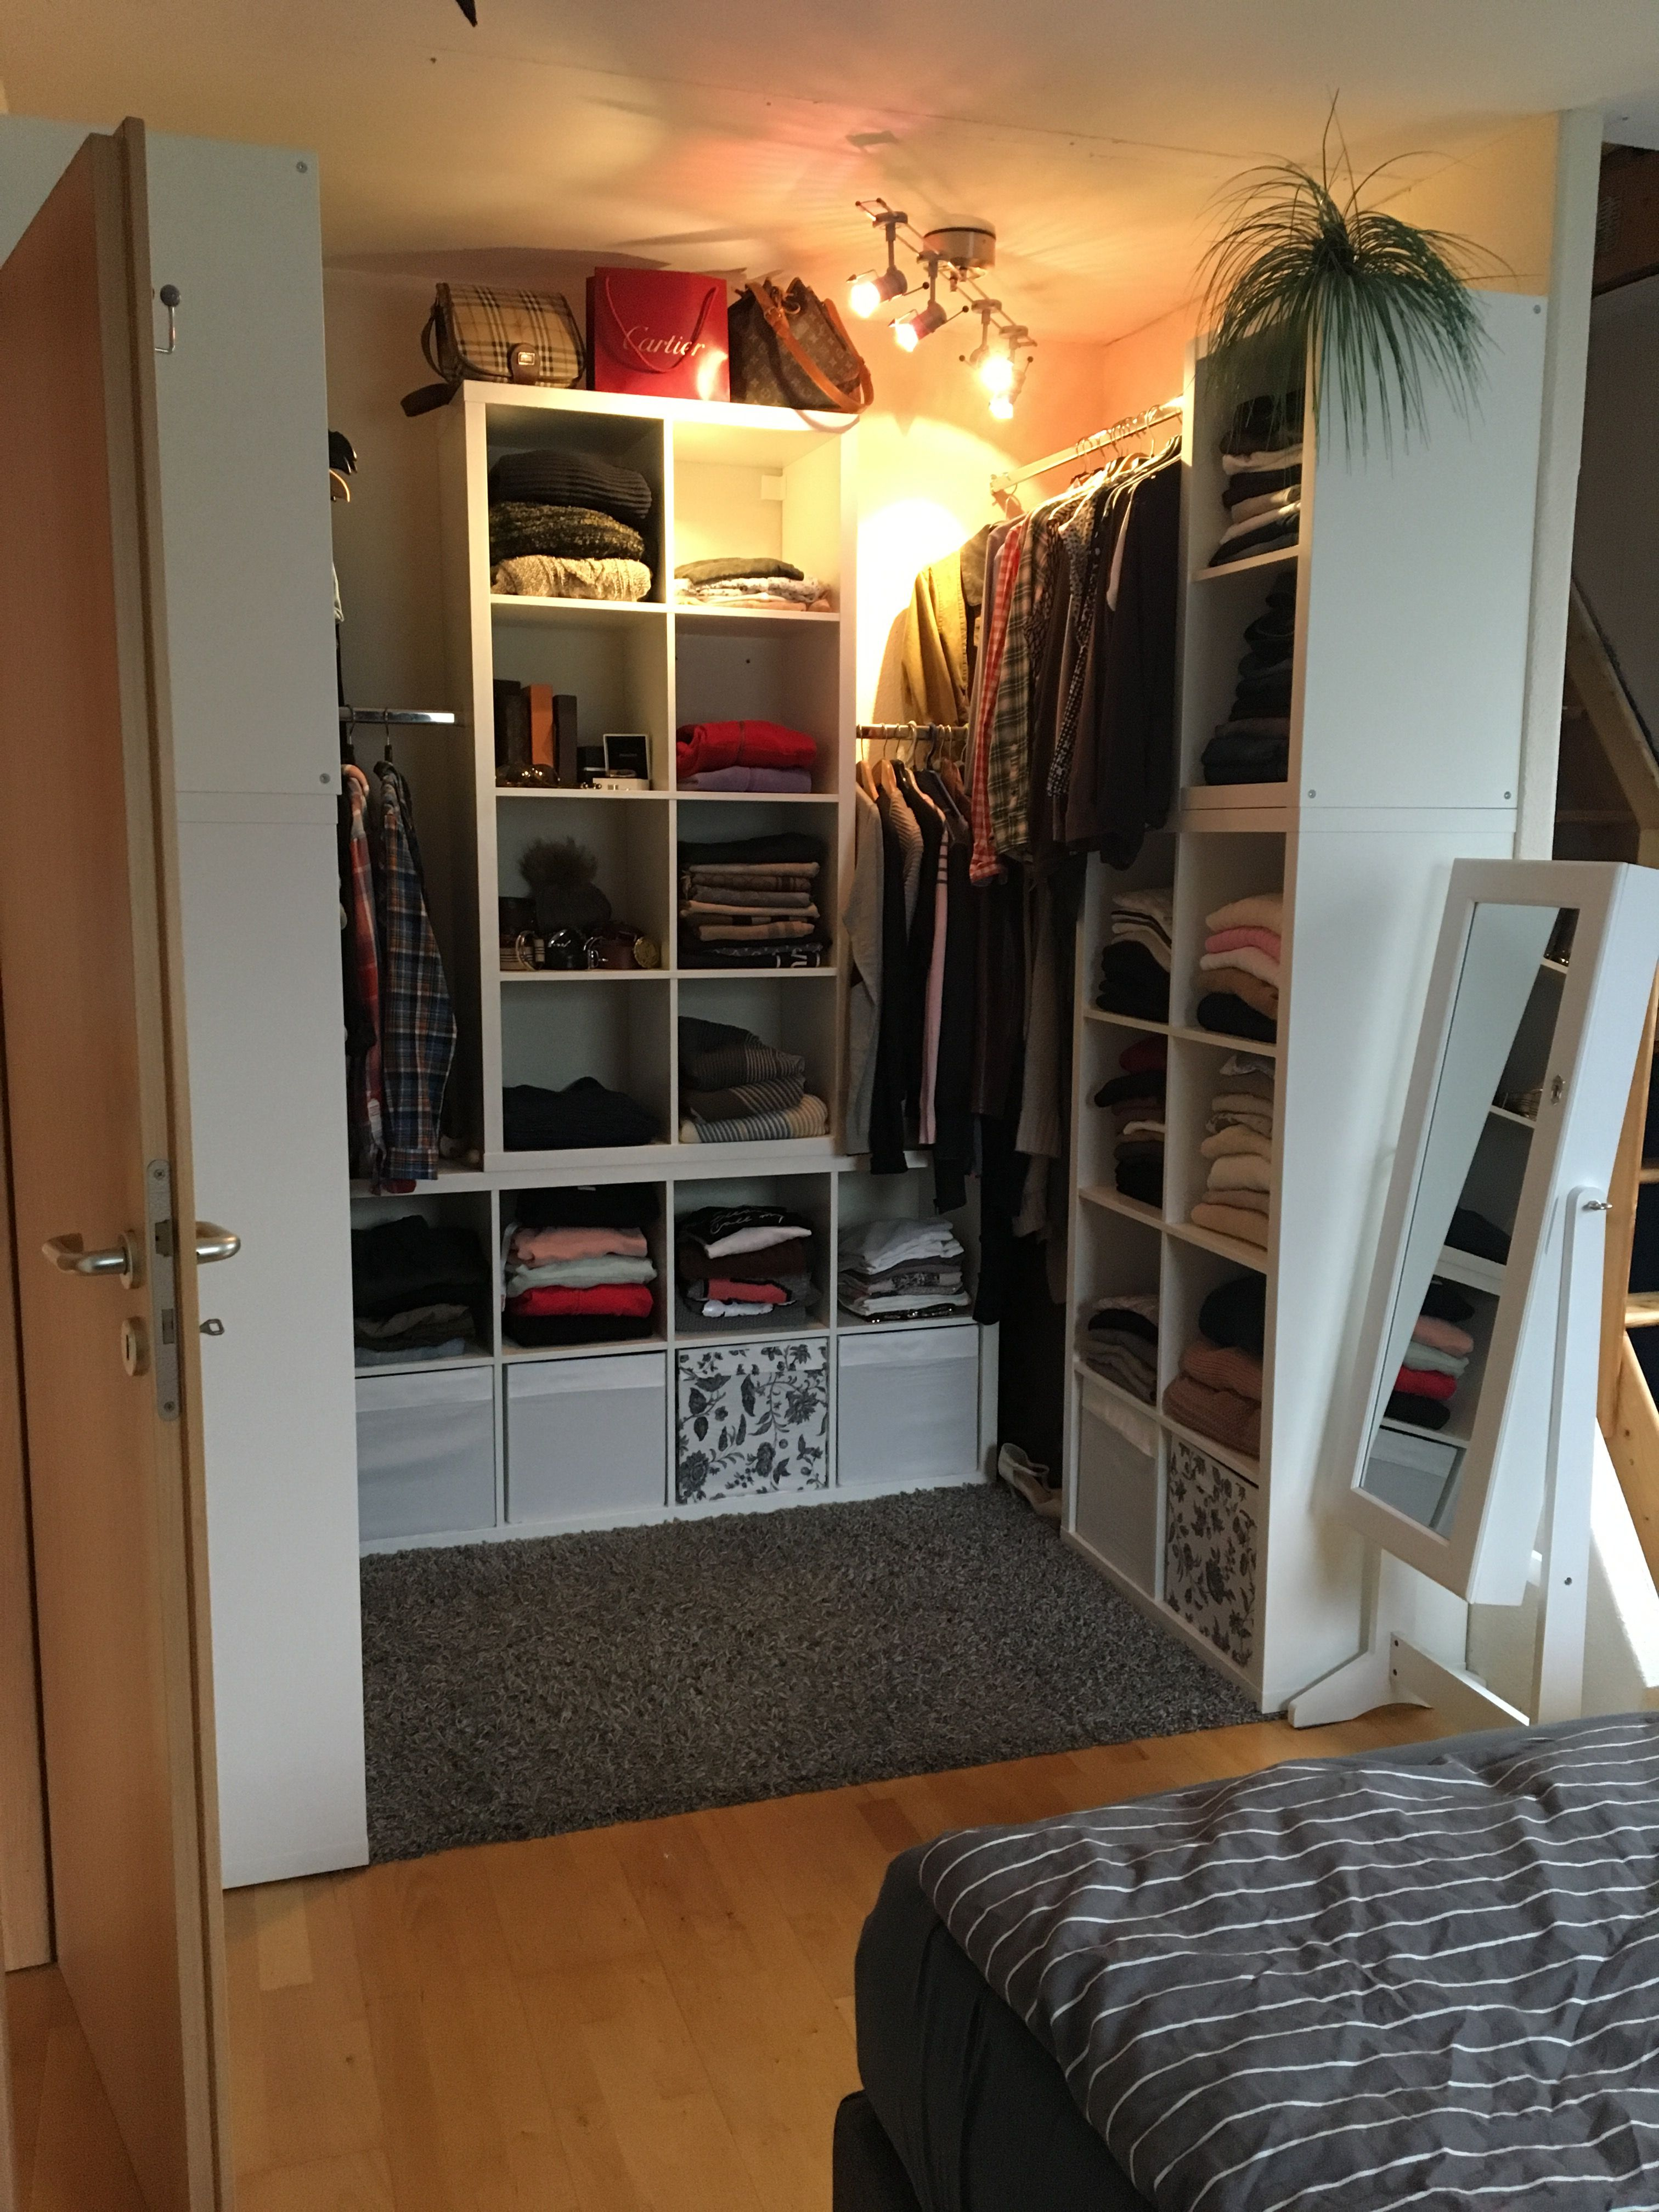 Ikea Begehbarer Kleiderschrank begehbarer kleiderschrank mit ikea kallax ต เส อผ า